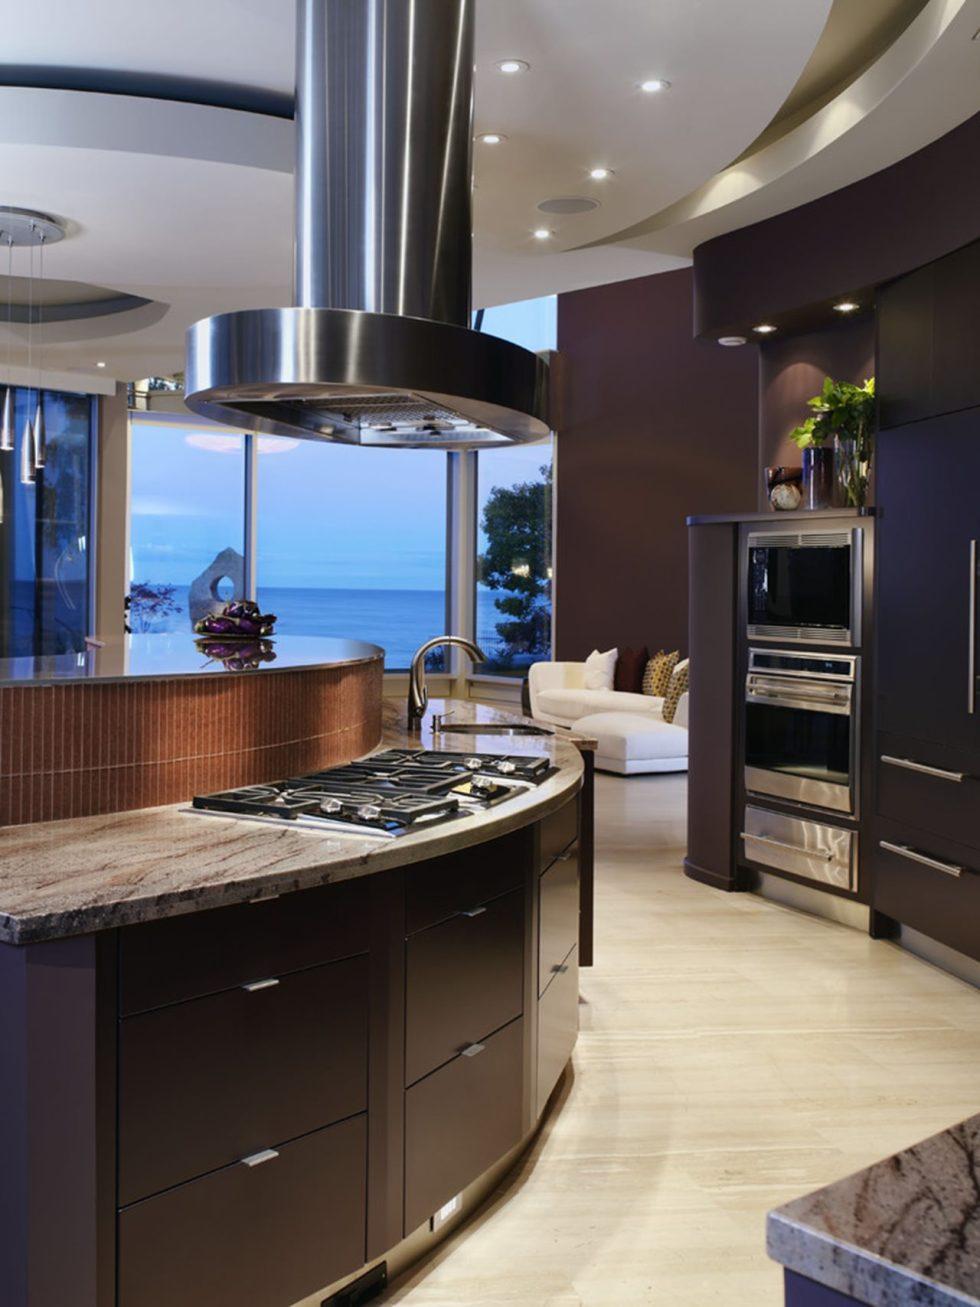 High-Tech Kitchen design ideas